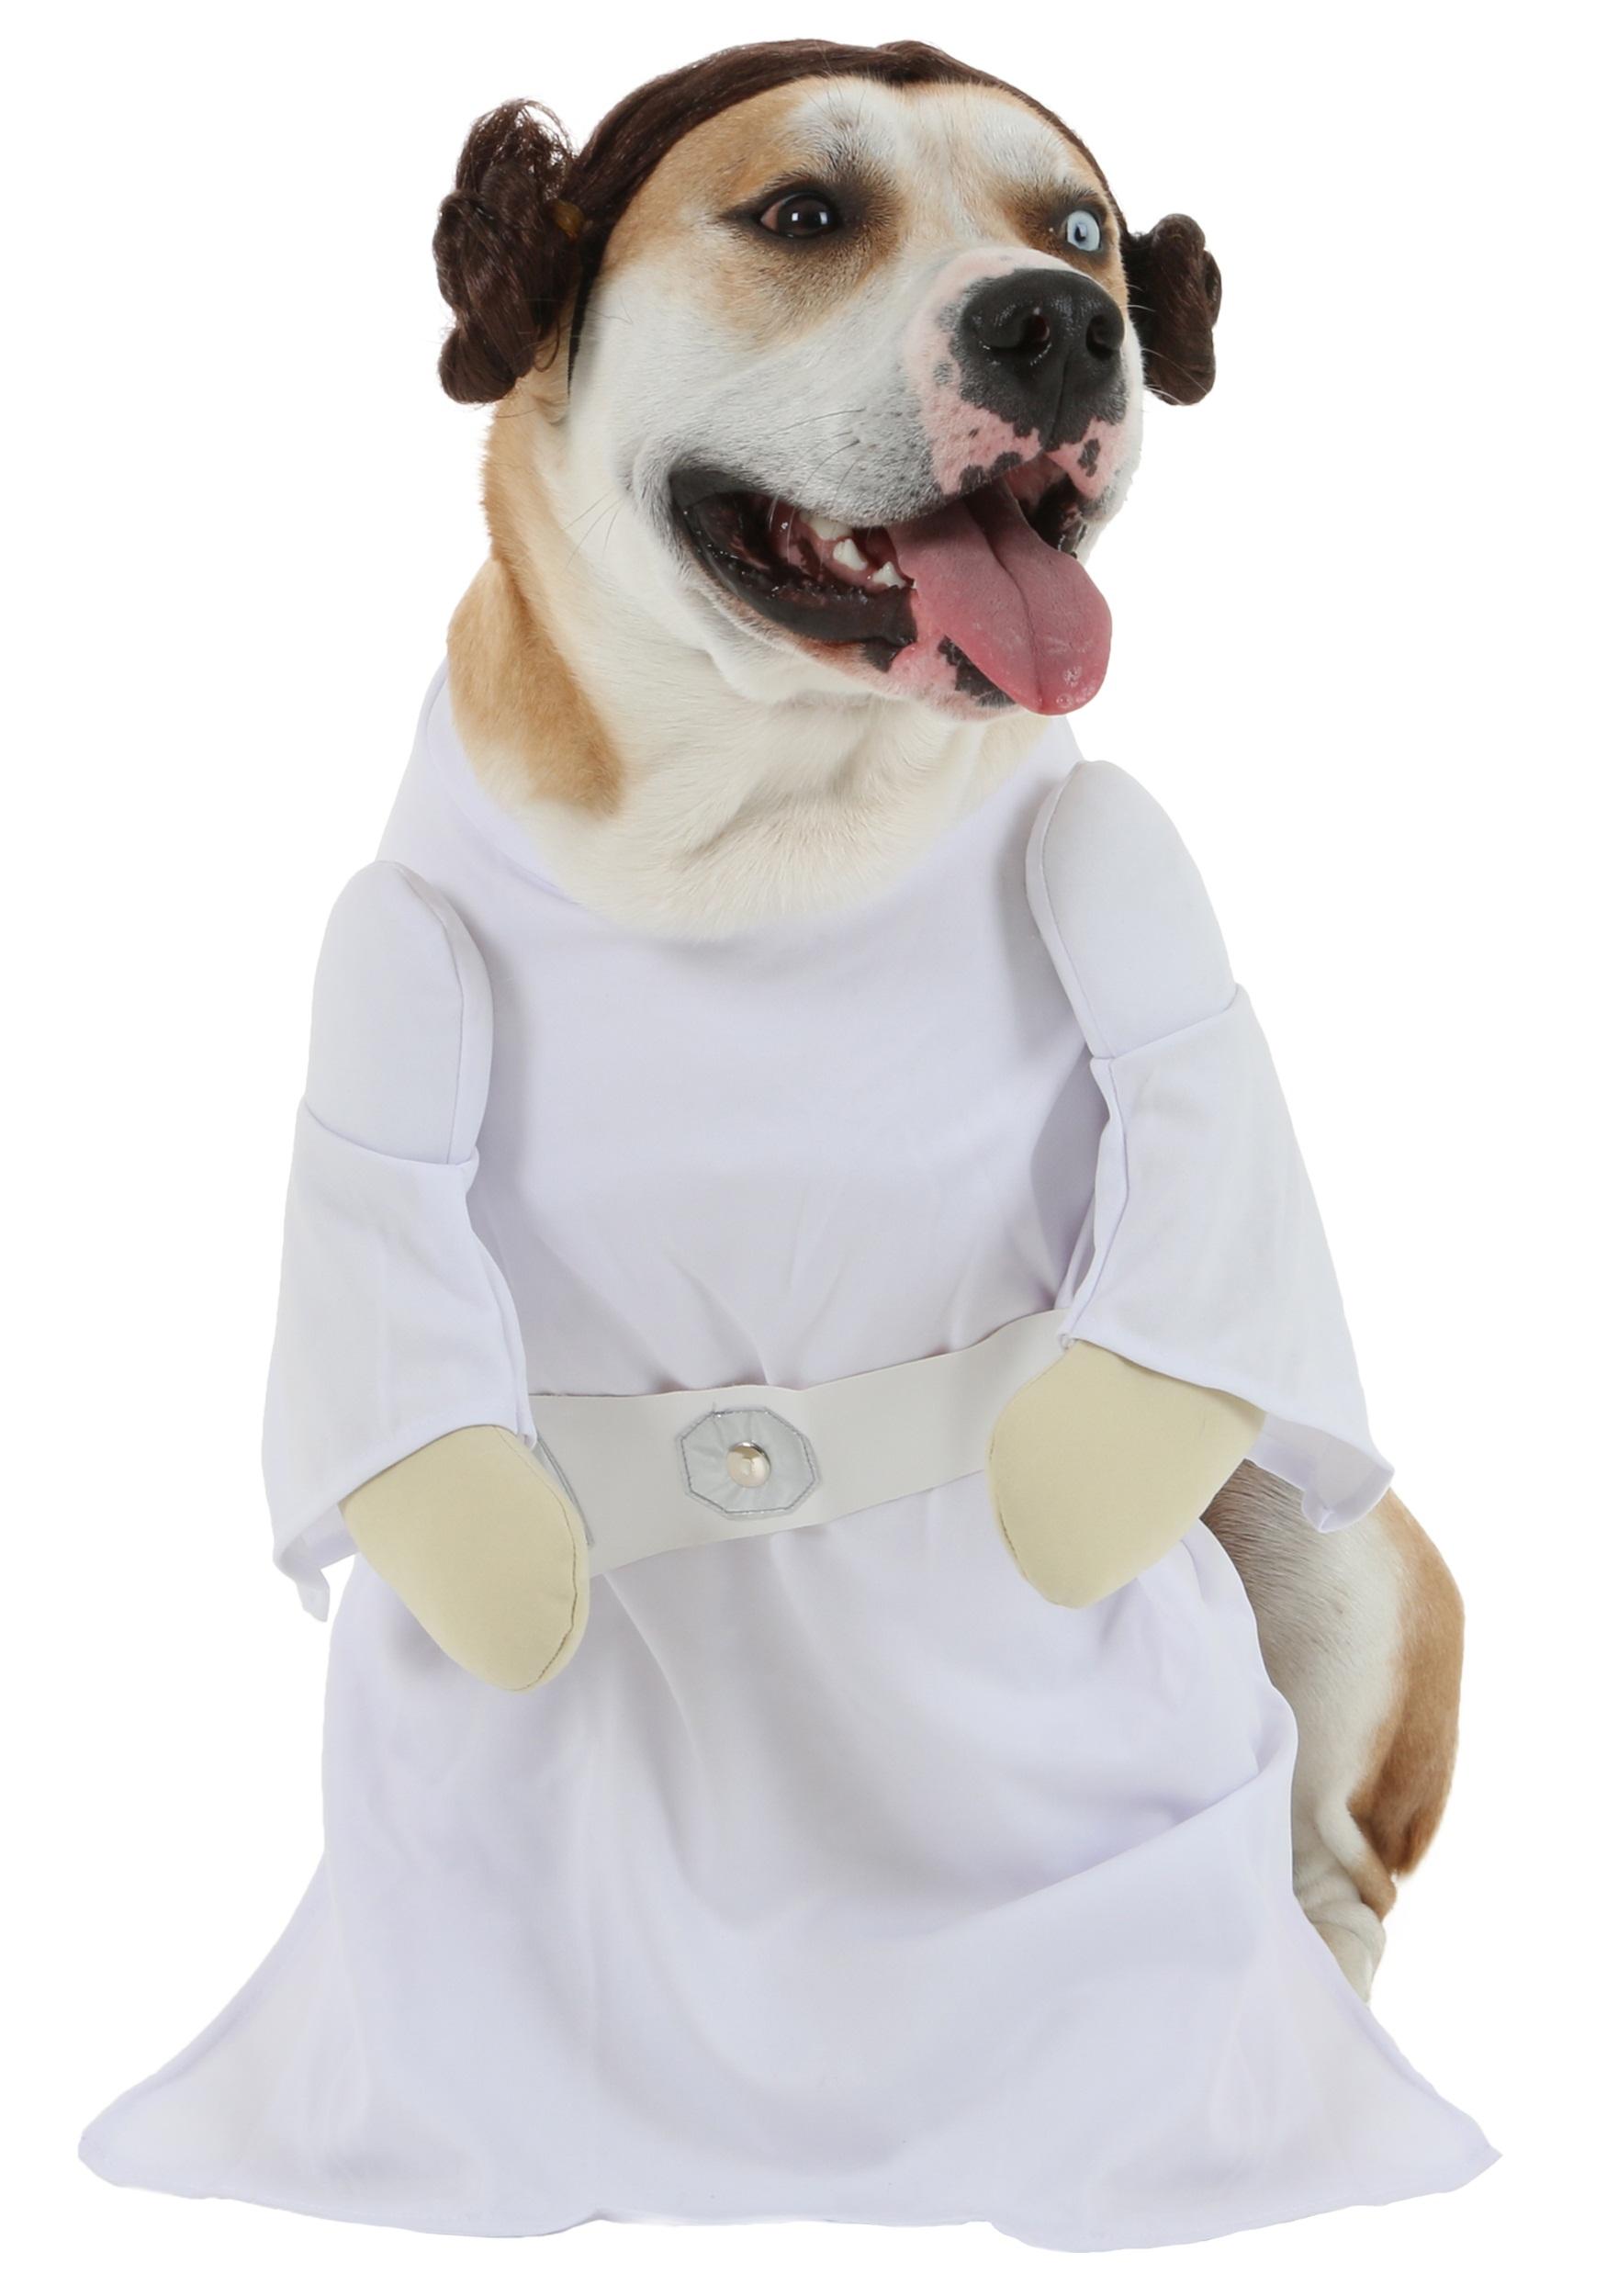 f36c2db4e82 Princess Leia Dog Costume